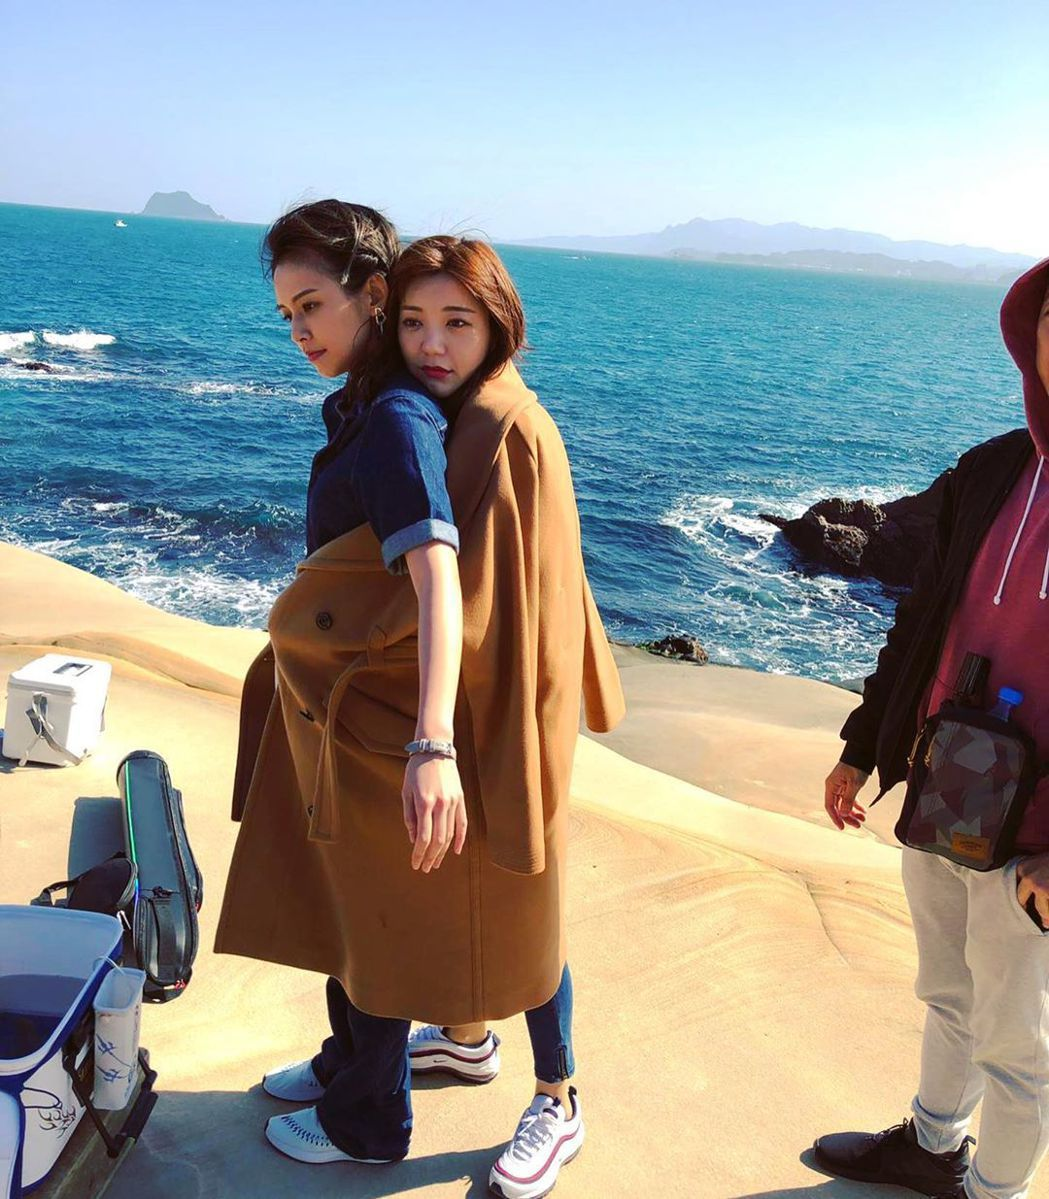 袁艾菲在「我們不能是朋友」中飾演郭雪芙的閨密,戲外互動也很甜蜜。圖/擷自袁艾菲I